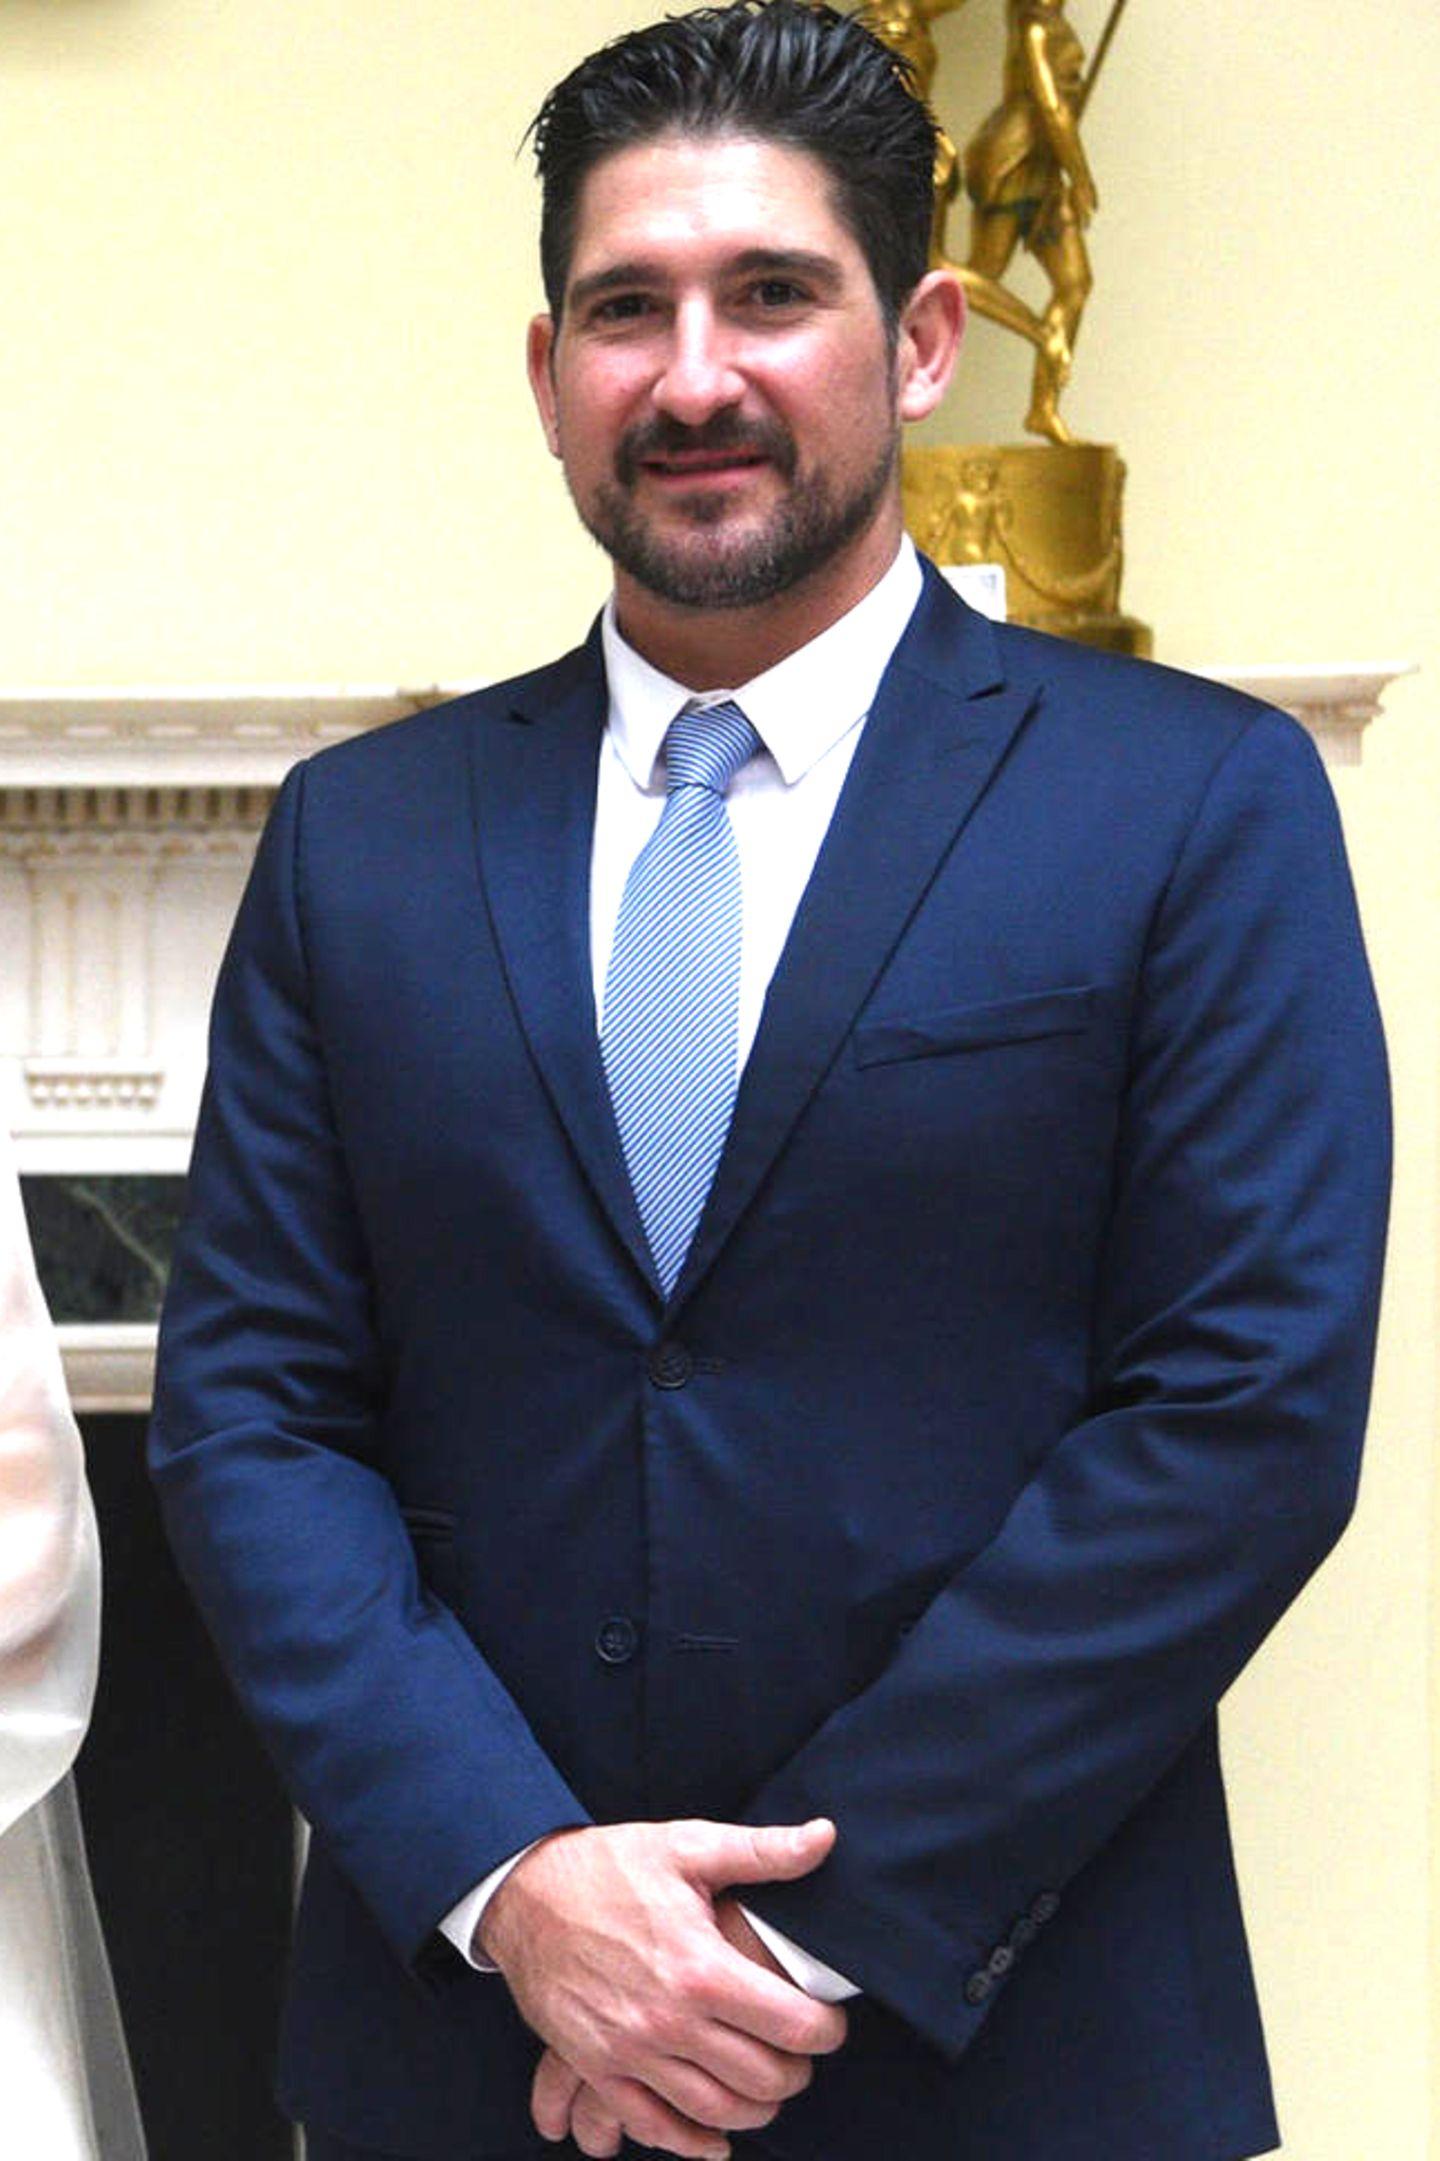 Prinz Alexander von Serbien (geb. 1982)  Auch ein weiteres Mitglied desHauses Karađorđević ist noch nicht unter der Haube: Prinz Alexander, derjüngere Bruder von Erbprinz Peter, wartet noch auf seine Prinzessin.